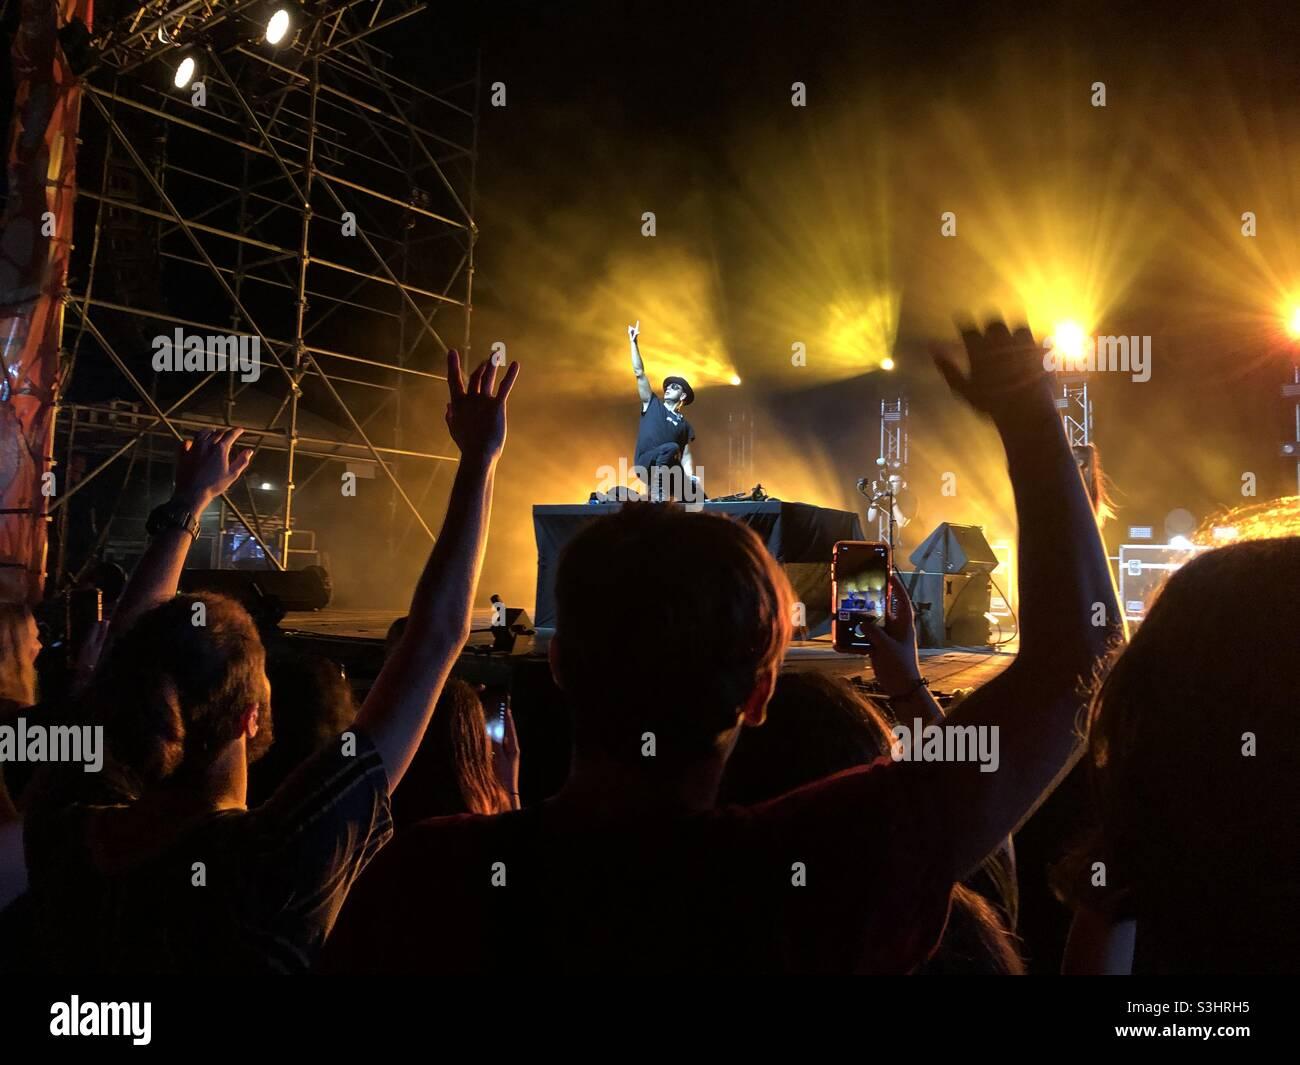 DJ Timmy Trumpet gibt am 29.08.2021 eine Live-Show in Darwin, Australien Stockfoto